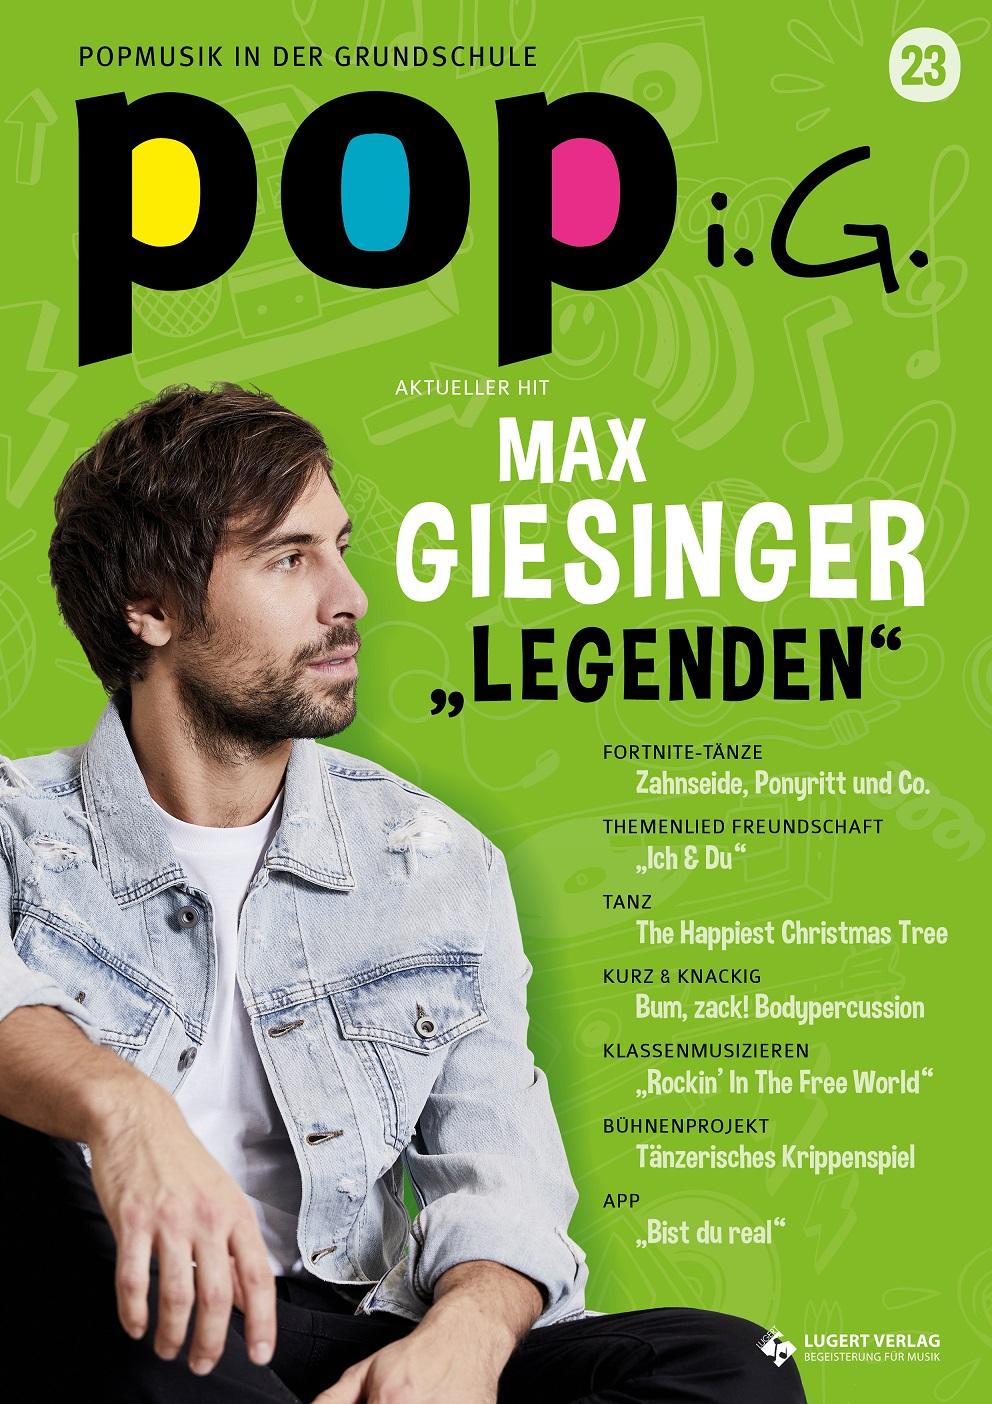 Prüfpaket Popmusik in der Grundschule: Ausgabe 23